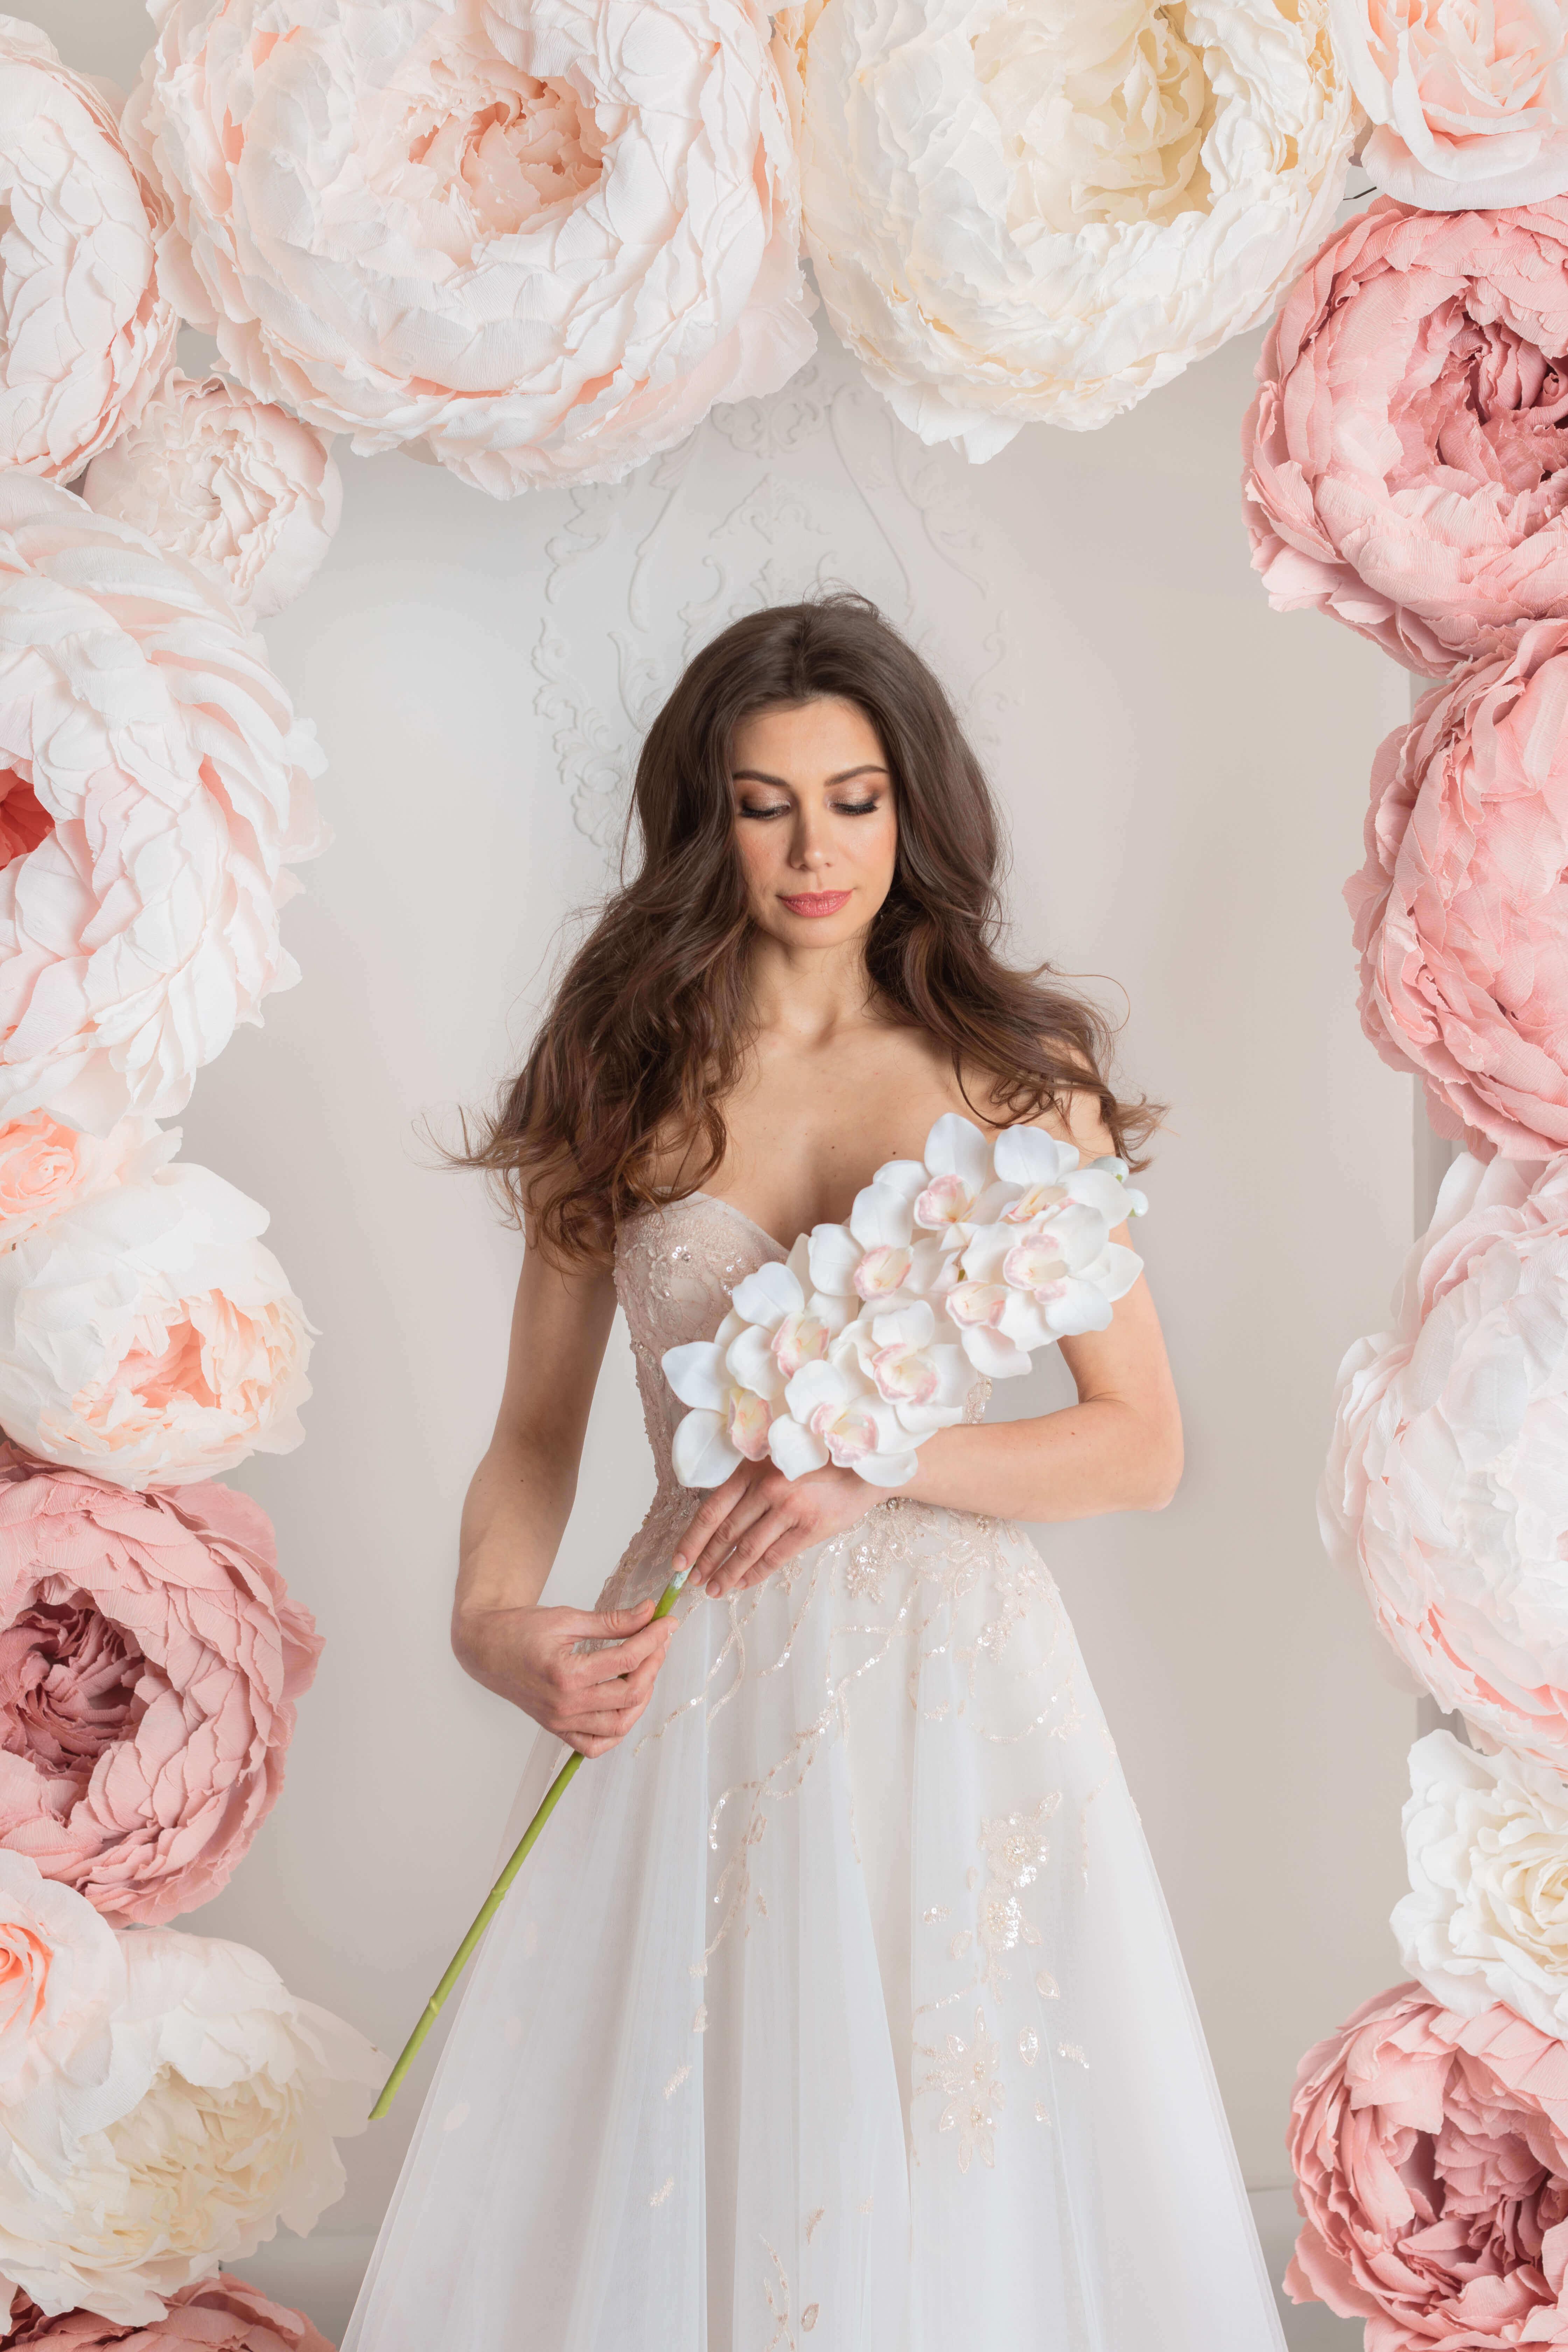 robe de mariee ligne a dentelle or rose boutique robes de mariee et soiree montreal lilia haute couture